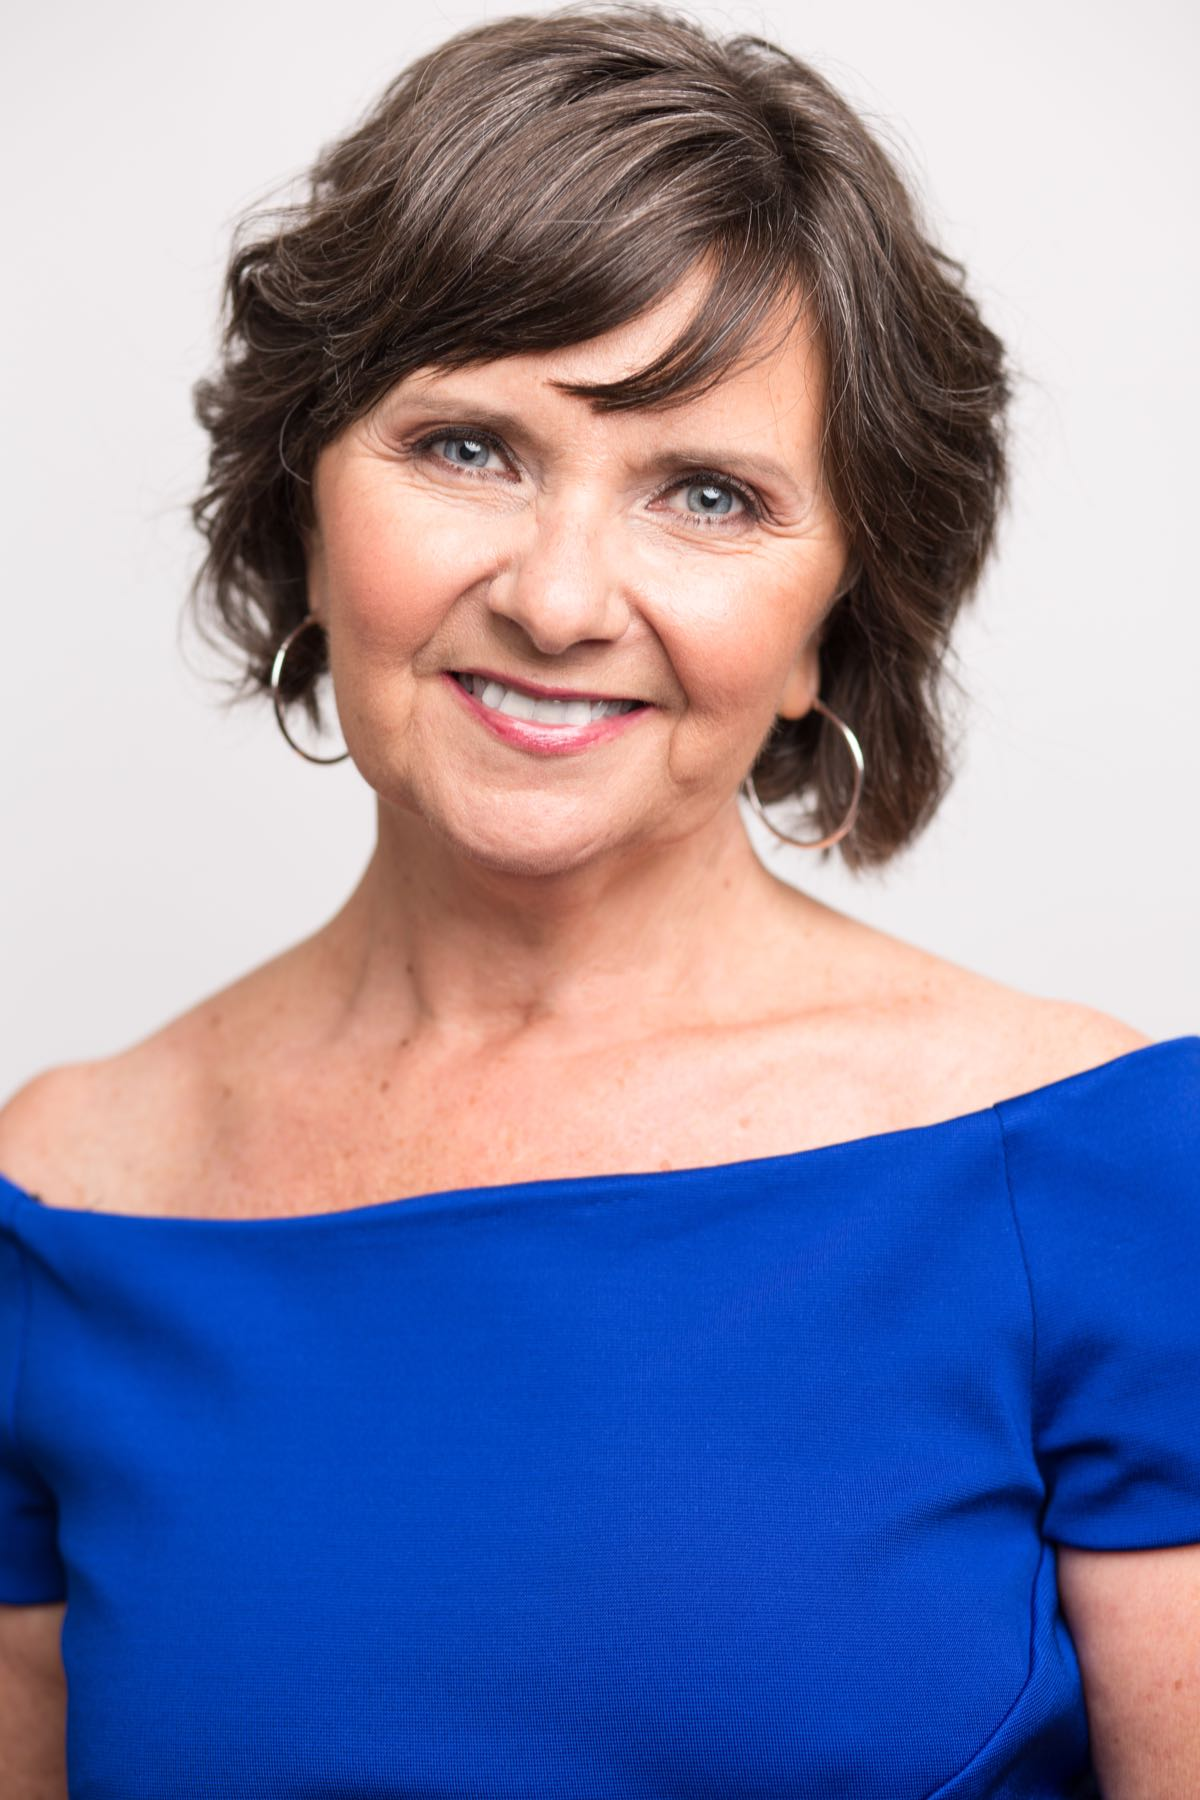 Denise Logan